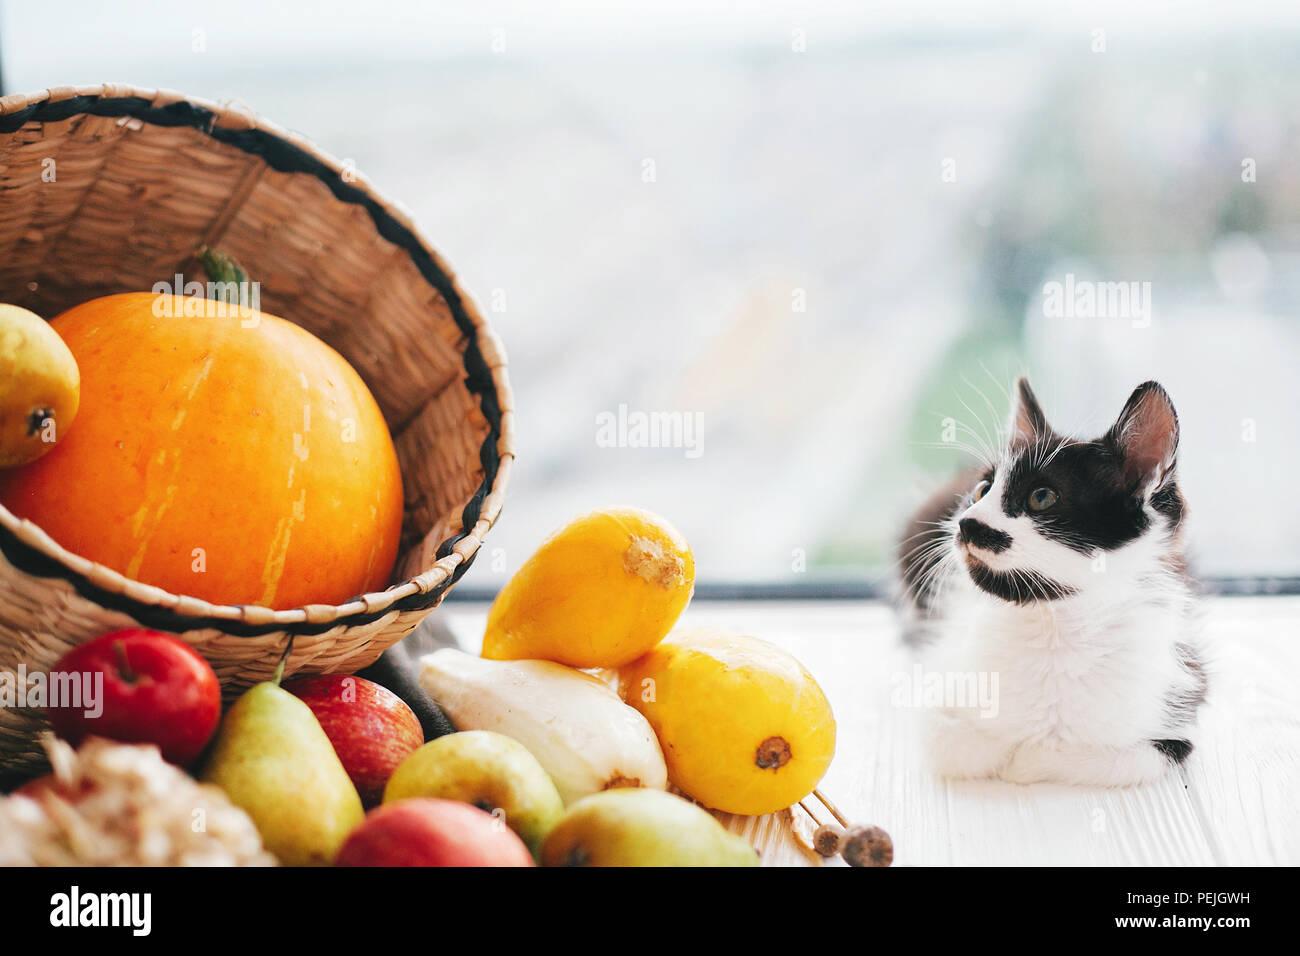 Happy Thanksgiving Und Halloween Ernte Hallo Herbst Konzept Mit Platz Fur Text Adorable Kitty Bei Kurbis Zucchini Apfel Birnen